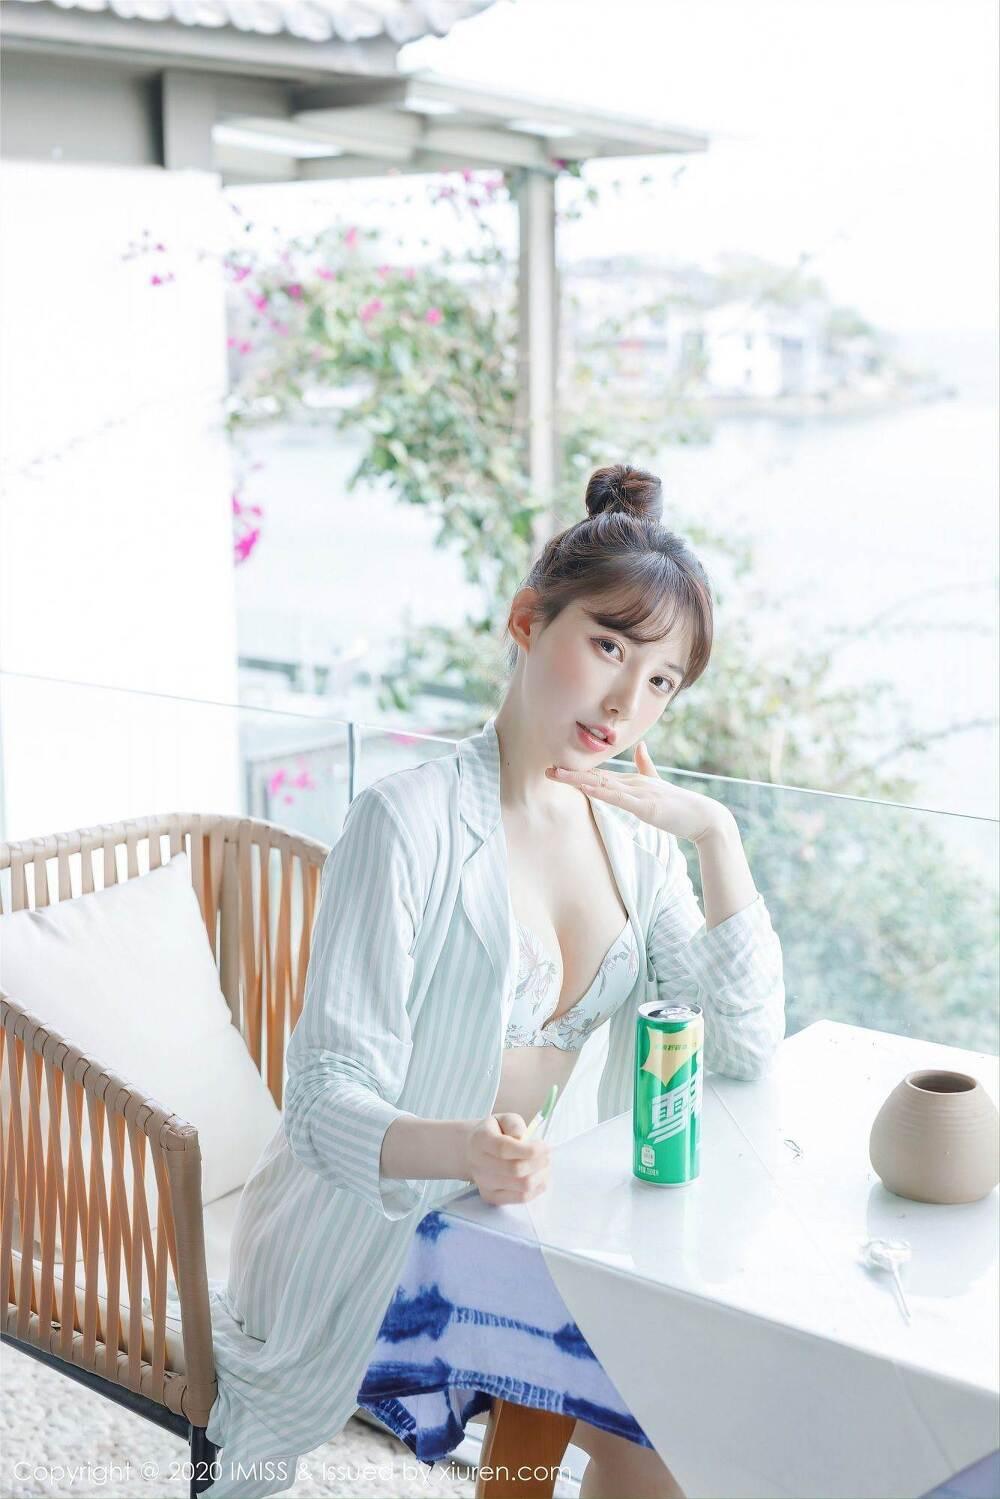 중국 모델 Lynn~ 뽀얗고 예픈 슬랜더~